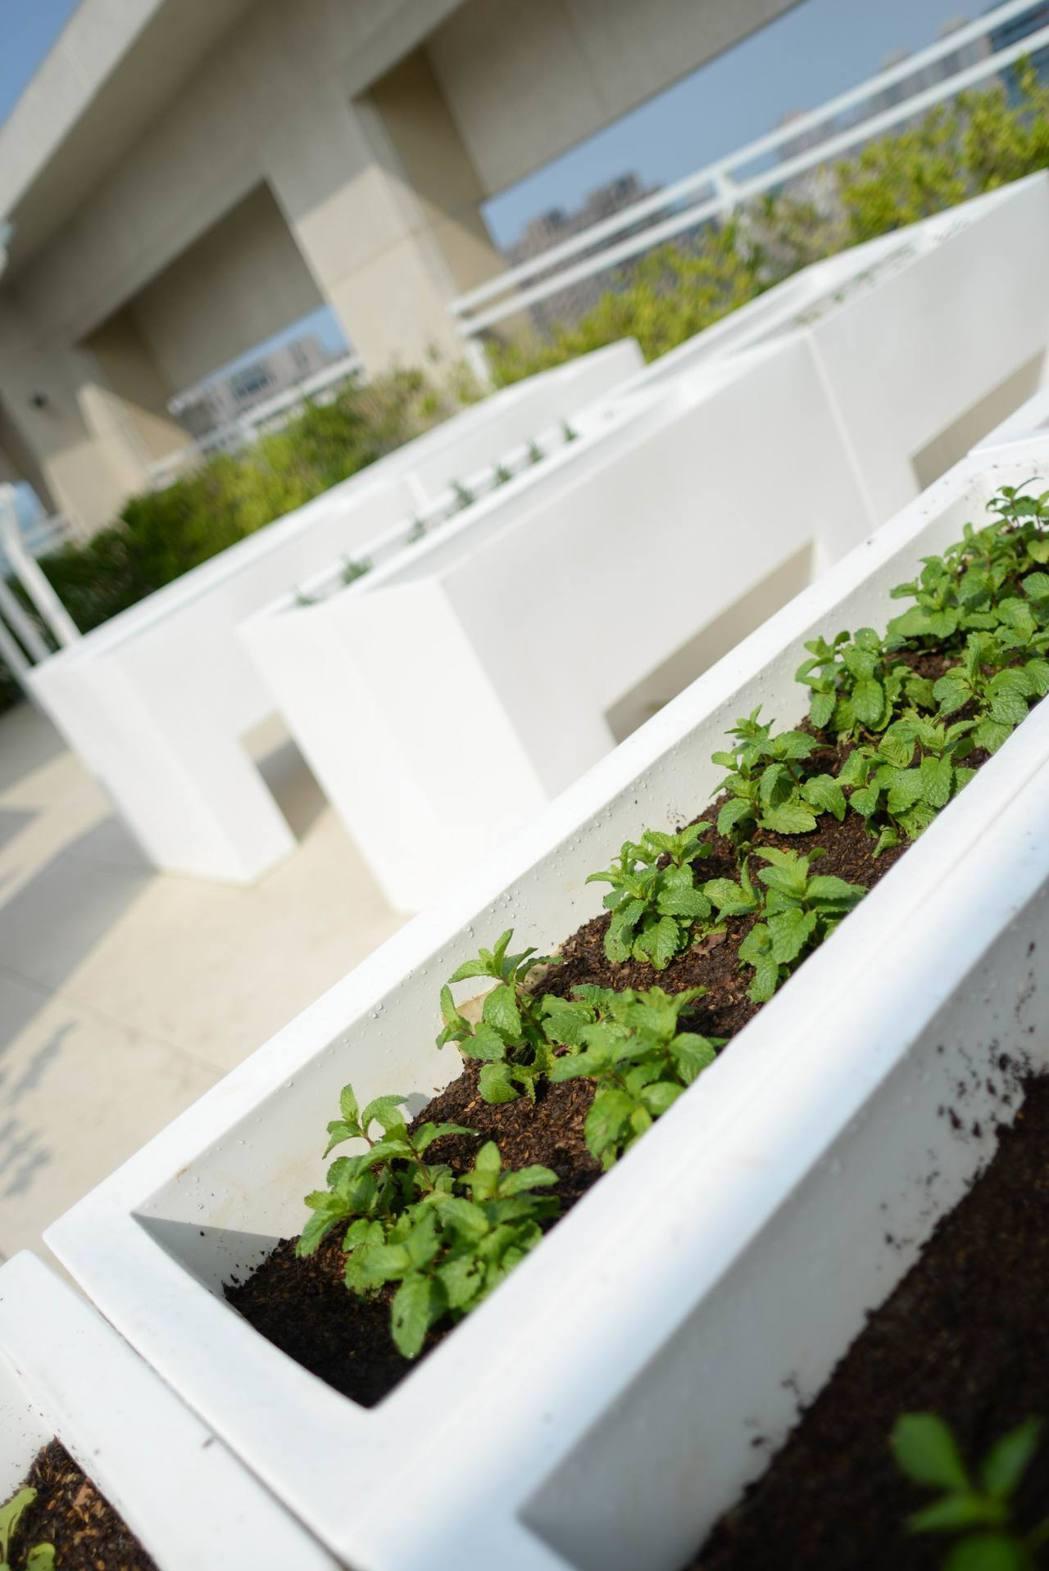 連種植栽的容器都是從國外購入。 圖片提供/振美建設